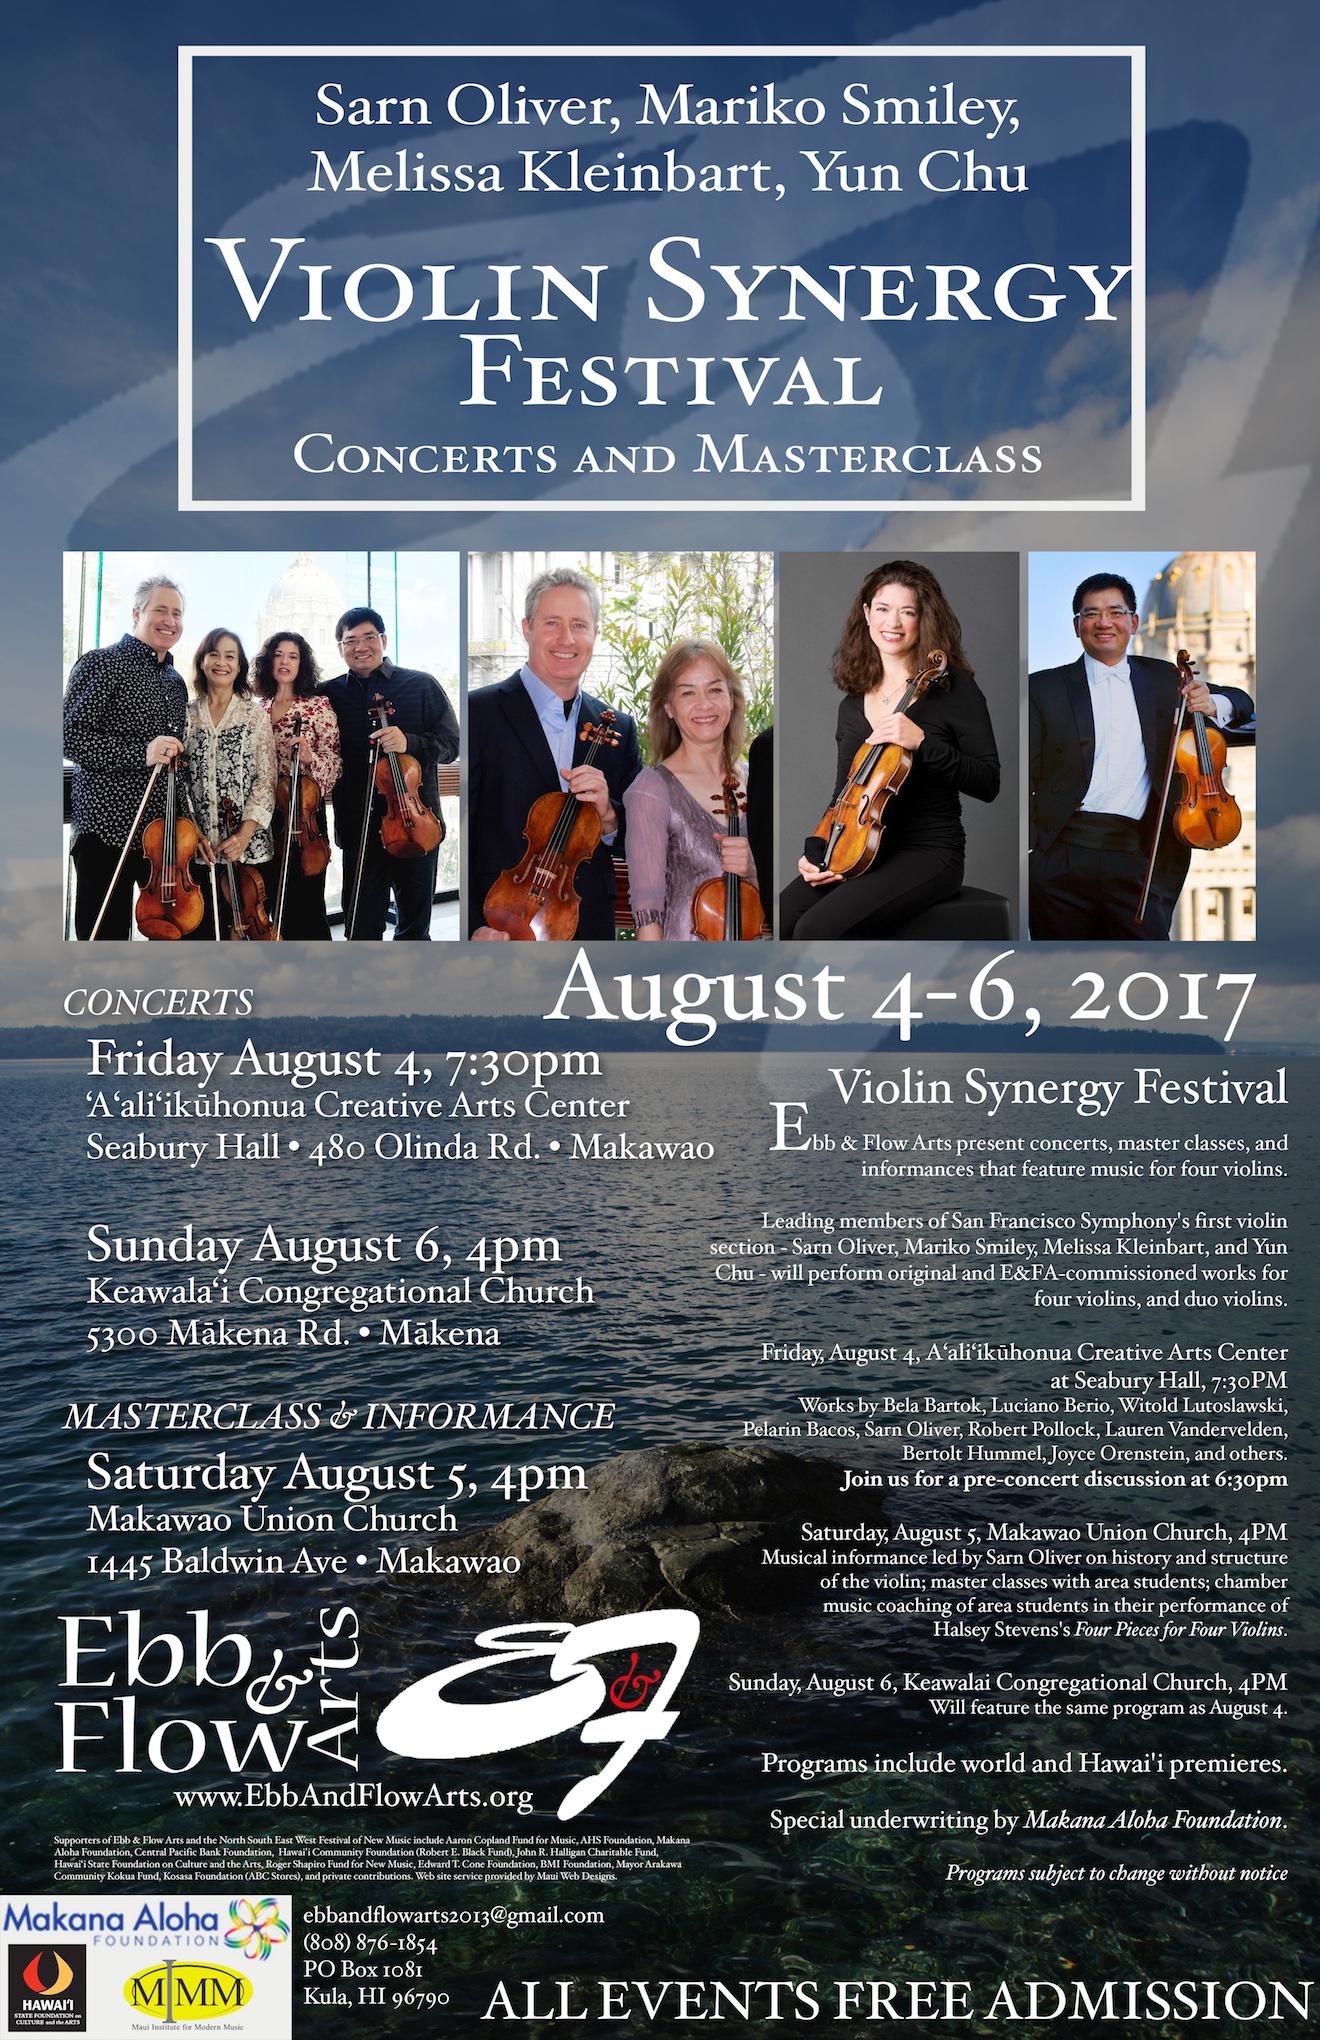 ViolinSynergy2017-11x17_finallr